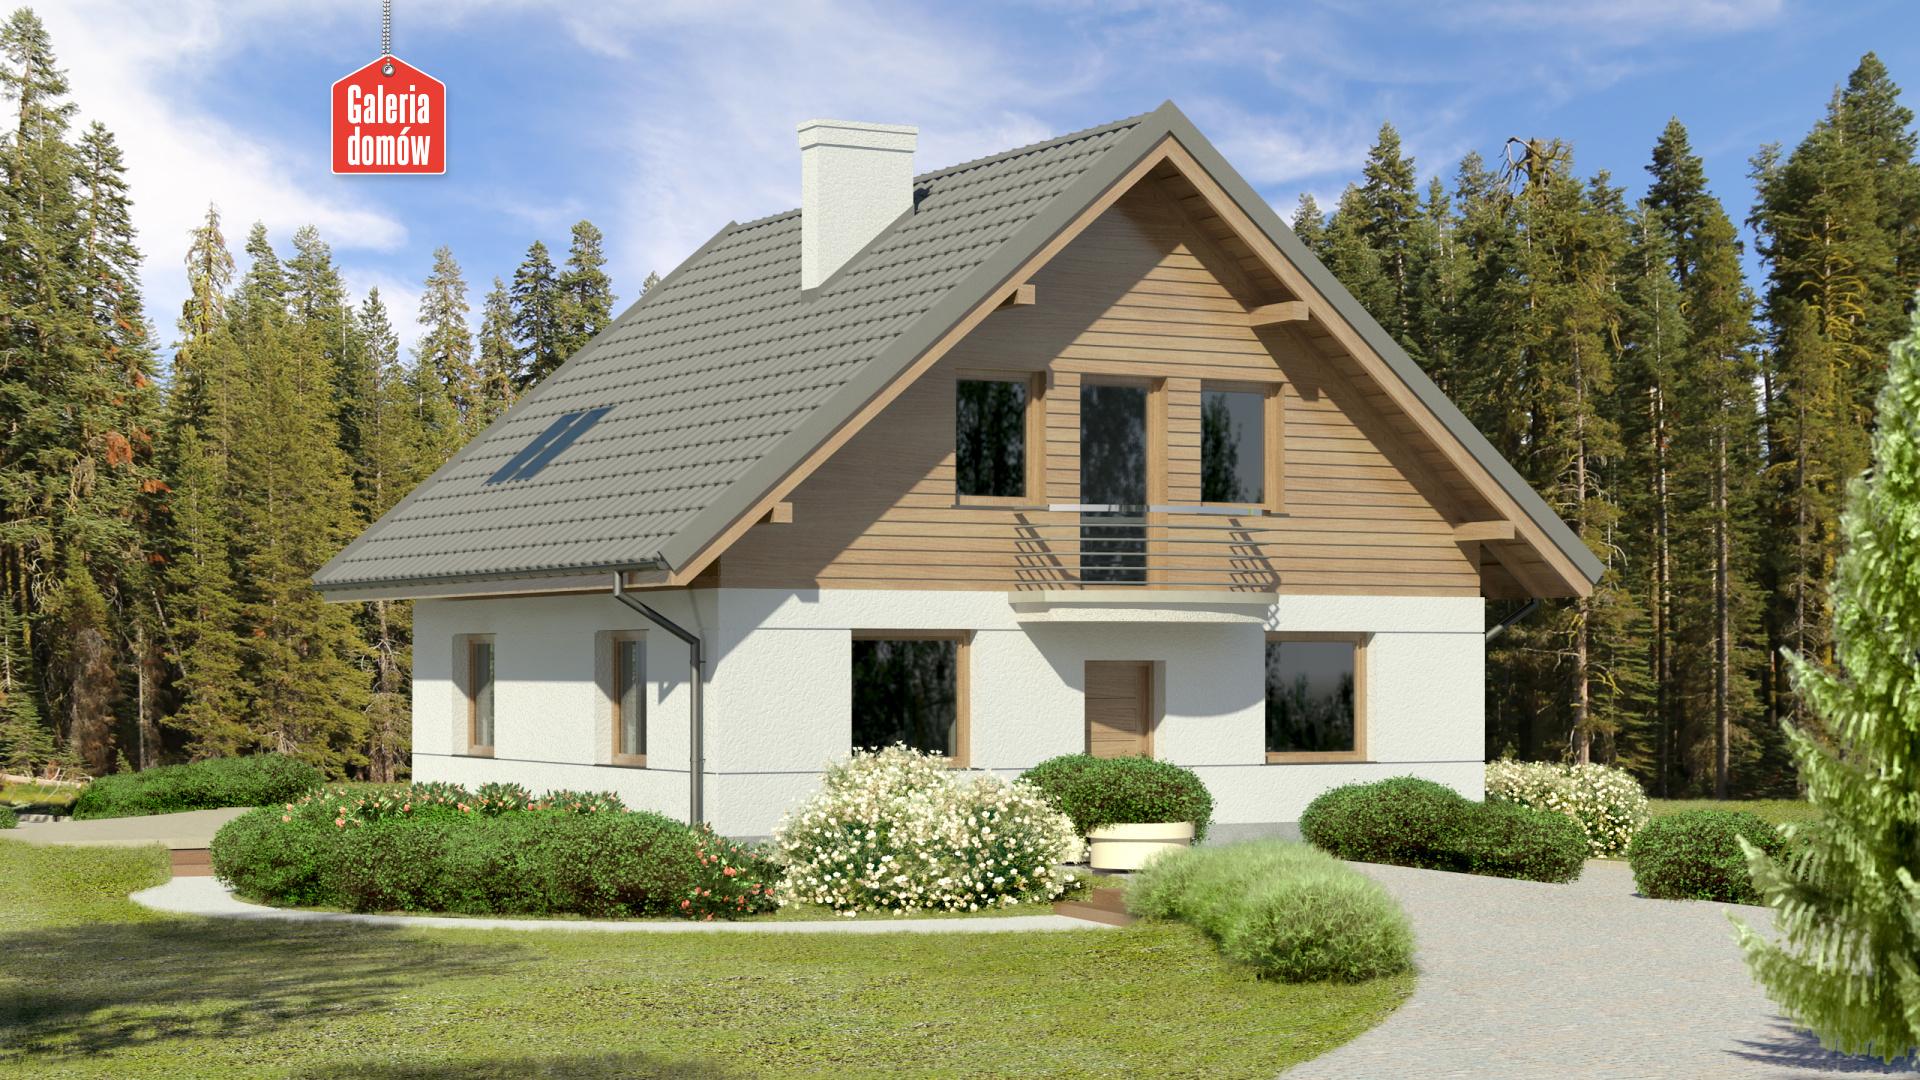 Dom przy Cyprysowej 45 - zdjęcie projektu i wizualizacja